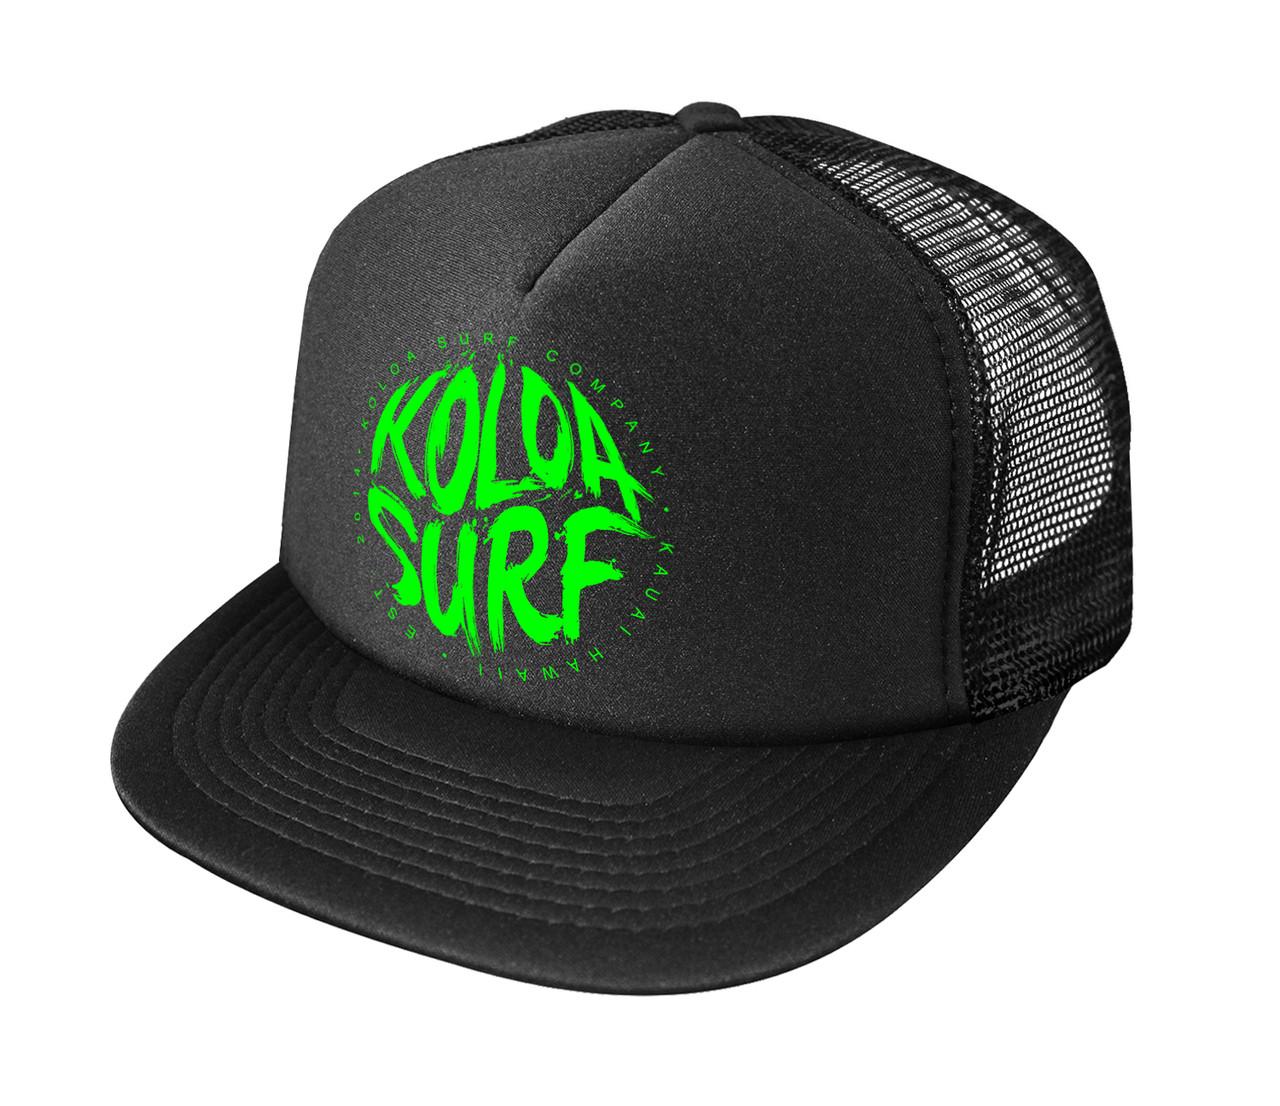 ff37b1d62c858 Koloa Surf Co. Koloa Surf Brush Logo Poly-Foam Mesh Snapback High ...